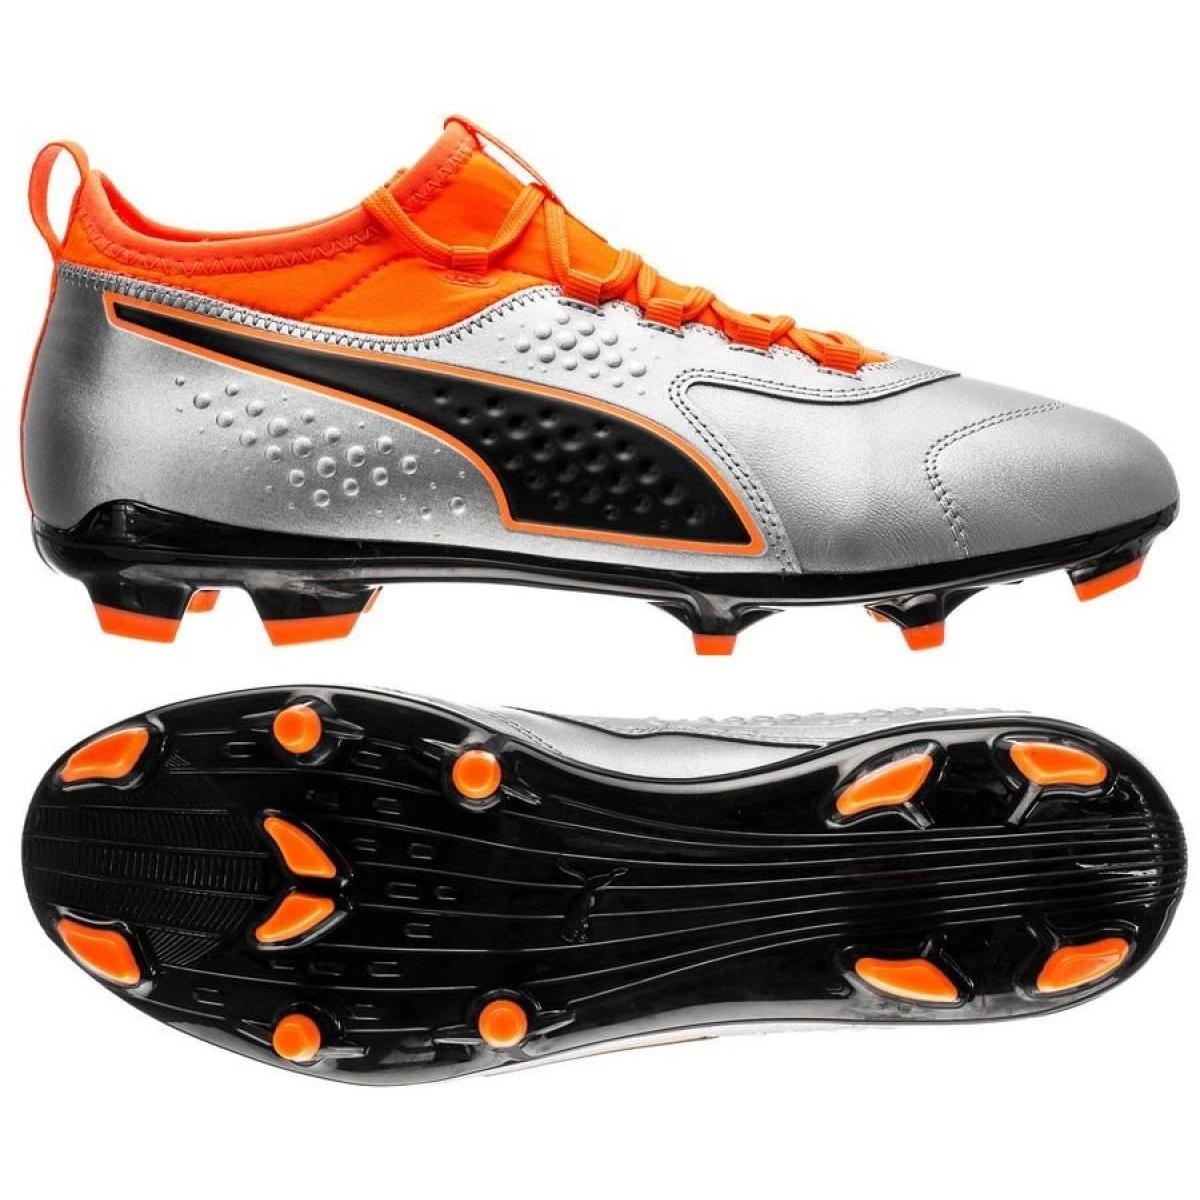 Détails sur Chaussures de football Puma One 3 Lth Fg M 104743 01